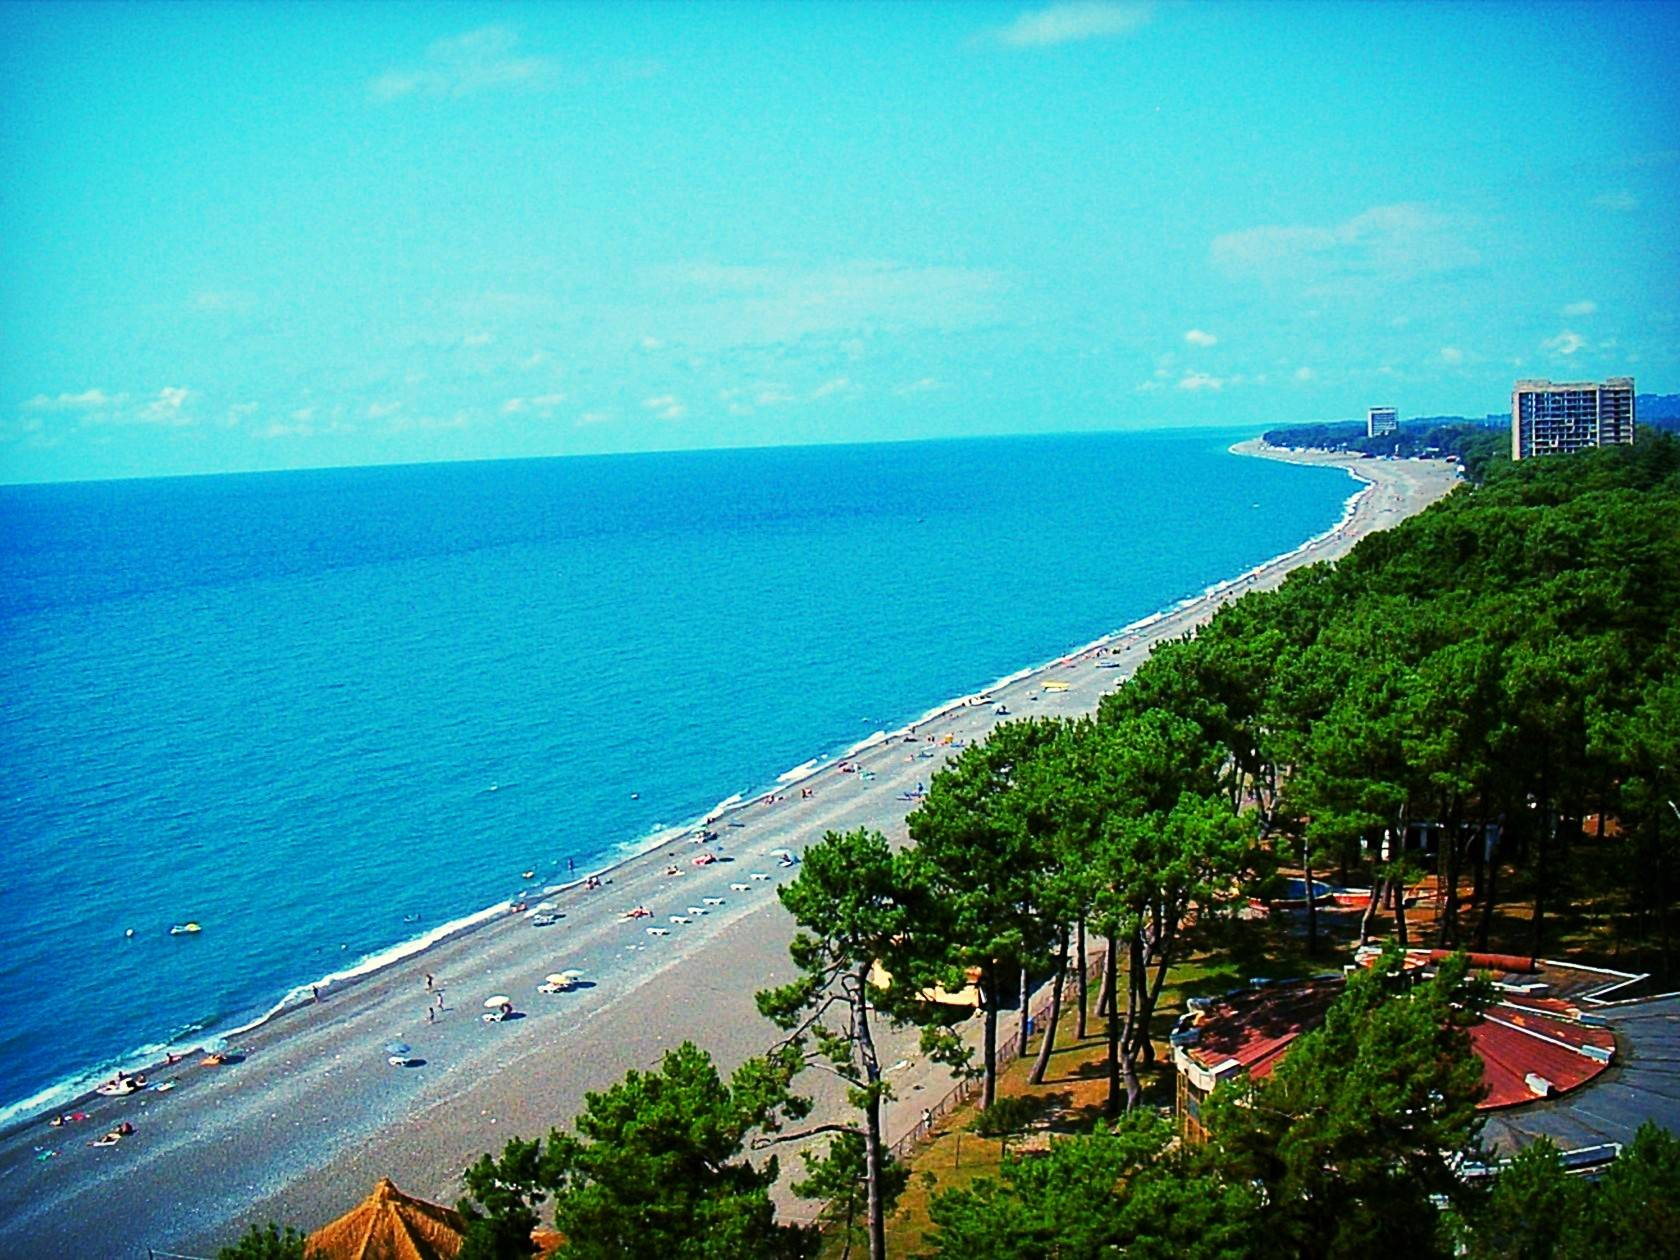 Отдых на море в грузии или куда поехать на фото с описанием: пляжный кобулети, уреки, сарпи с частным сектором и достопримечательностями, в квариати и поти на машине блокнот туриста